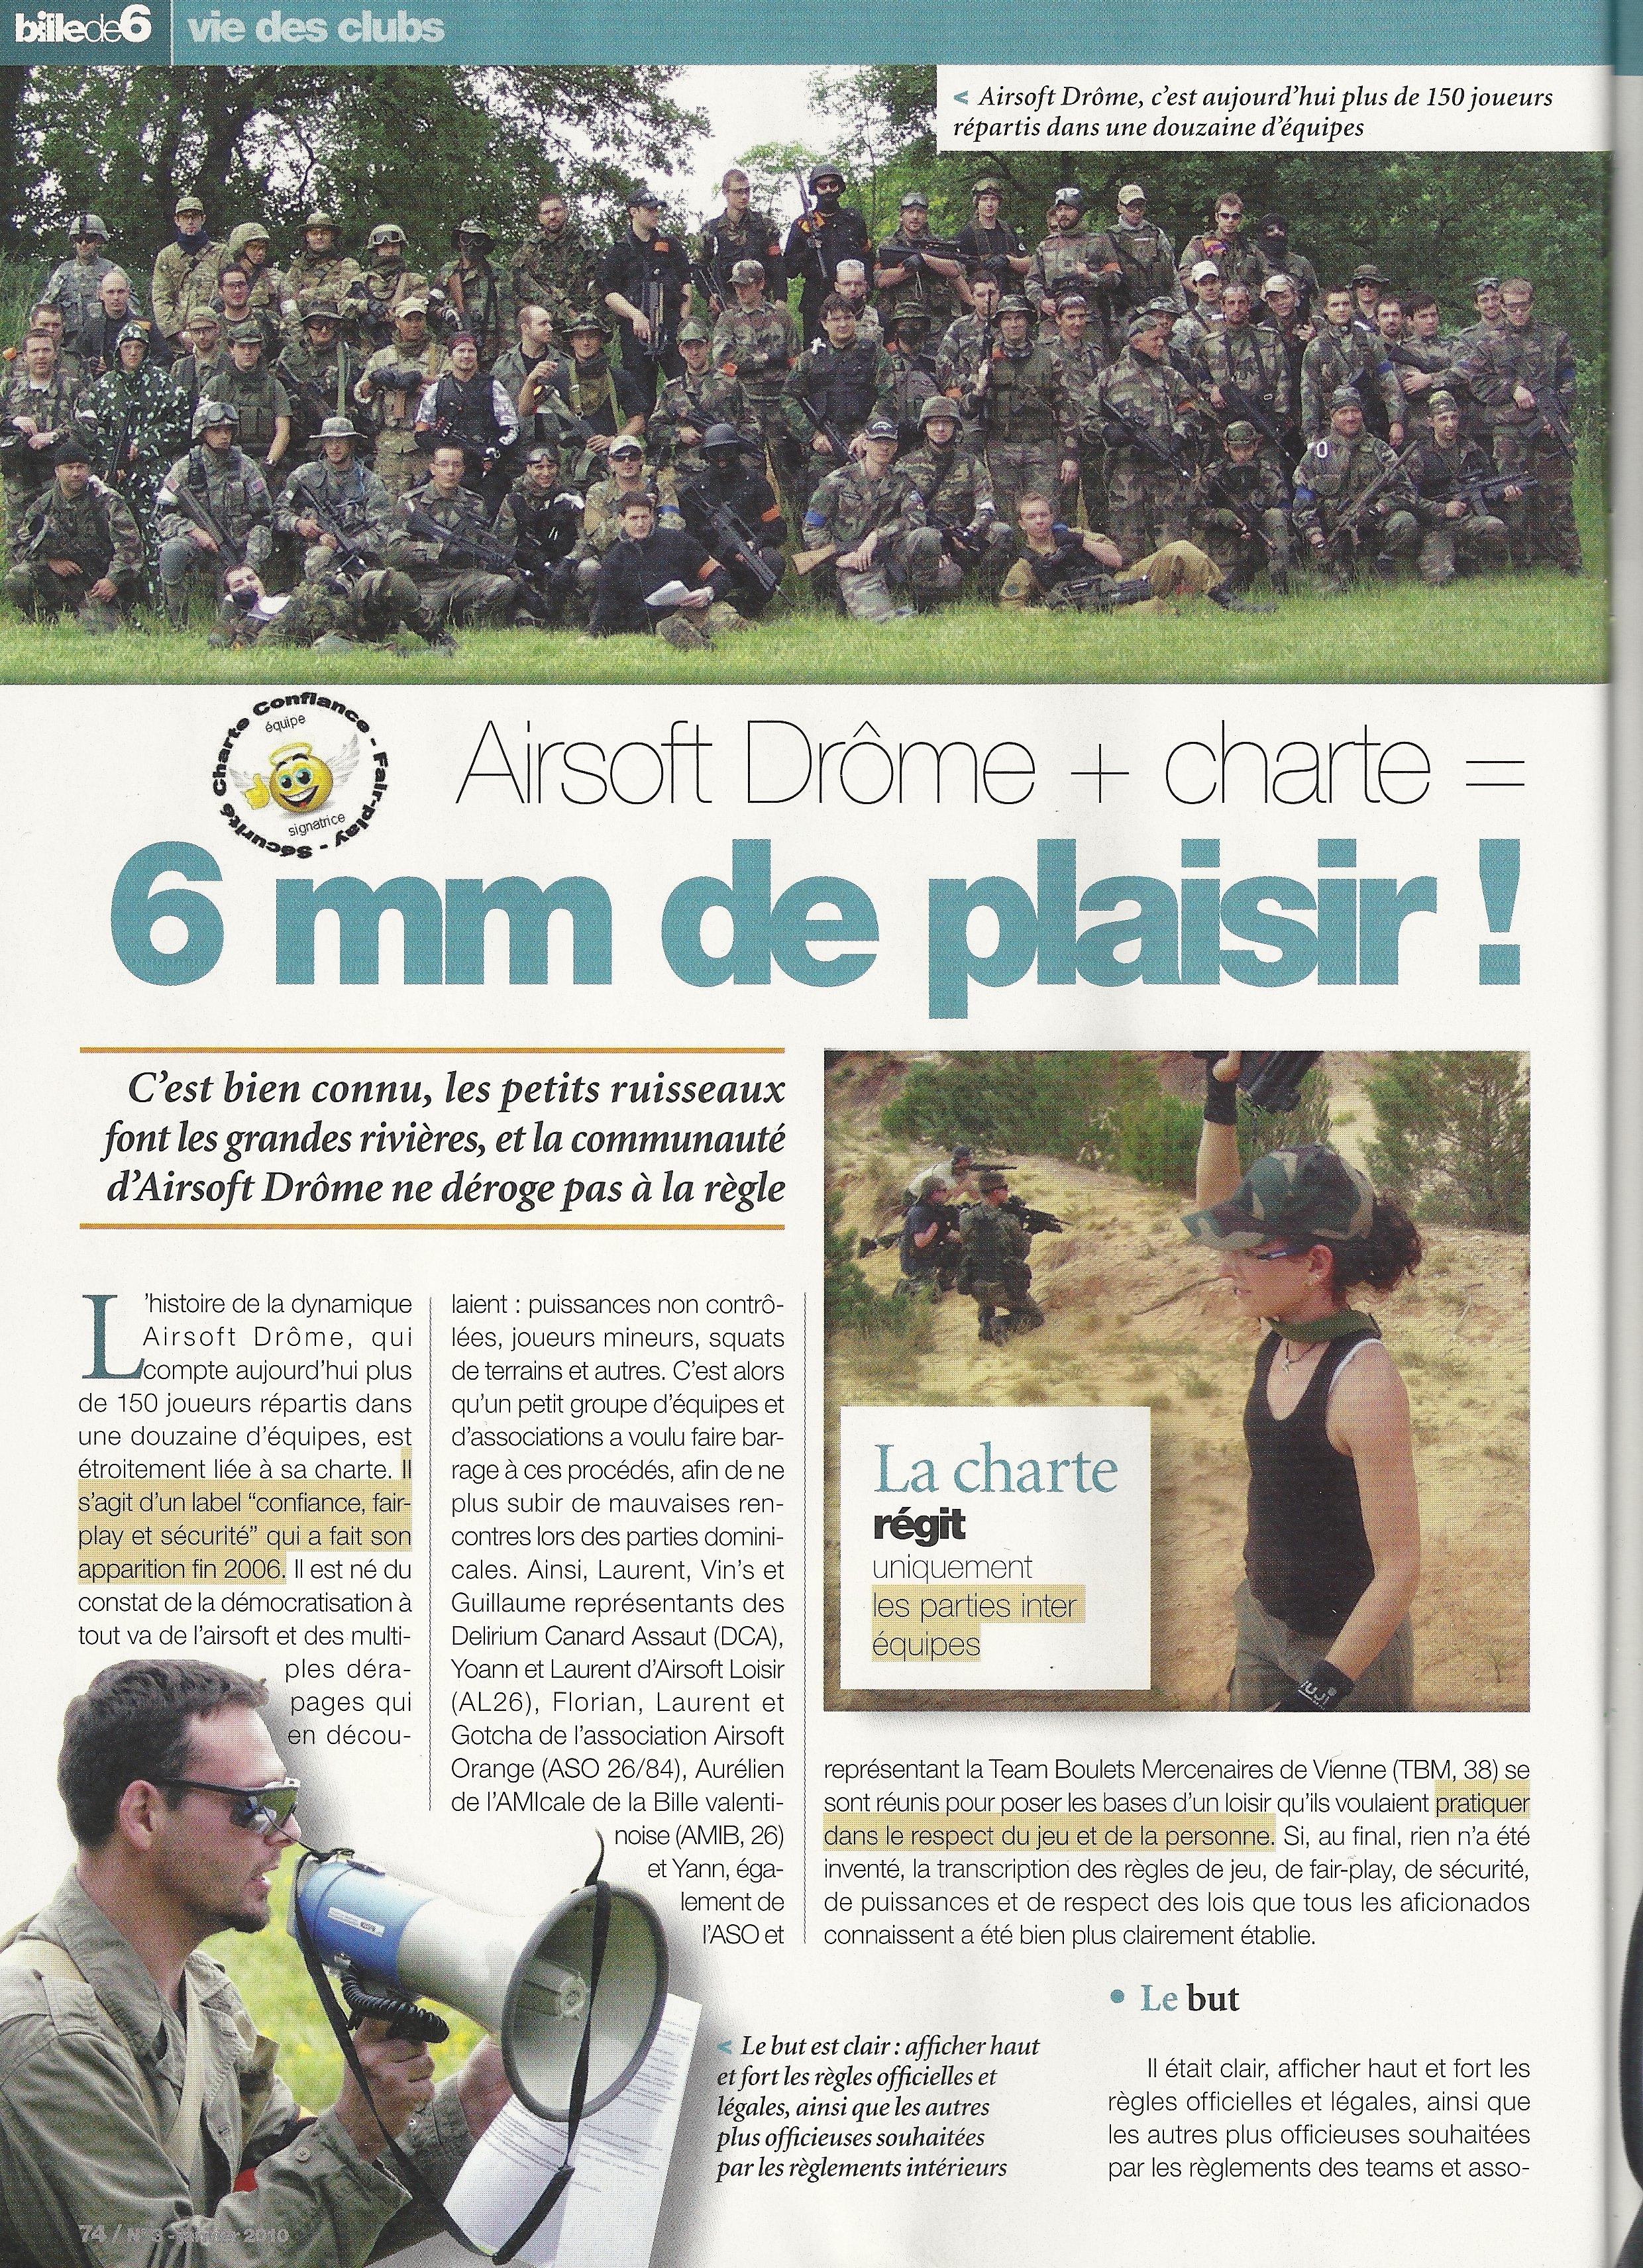 article sur airsoft drome paru dans la revue bille de 6 SCAN0005